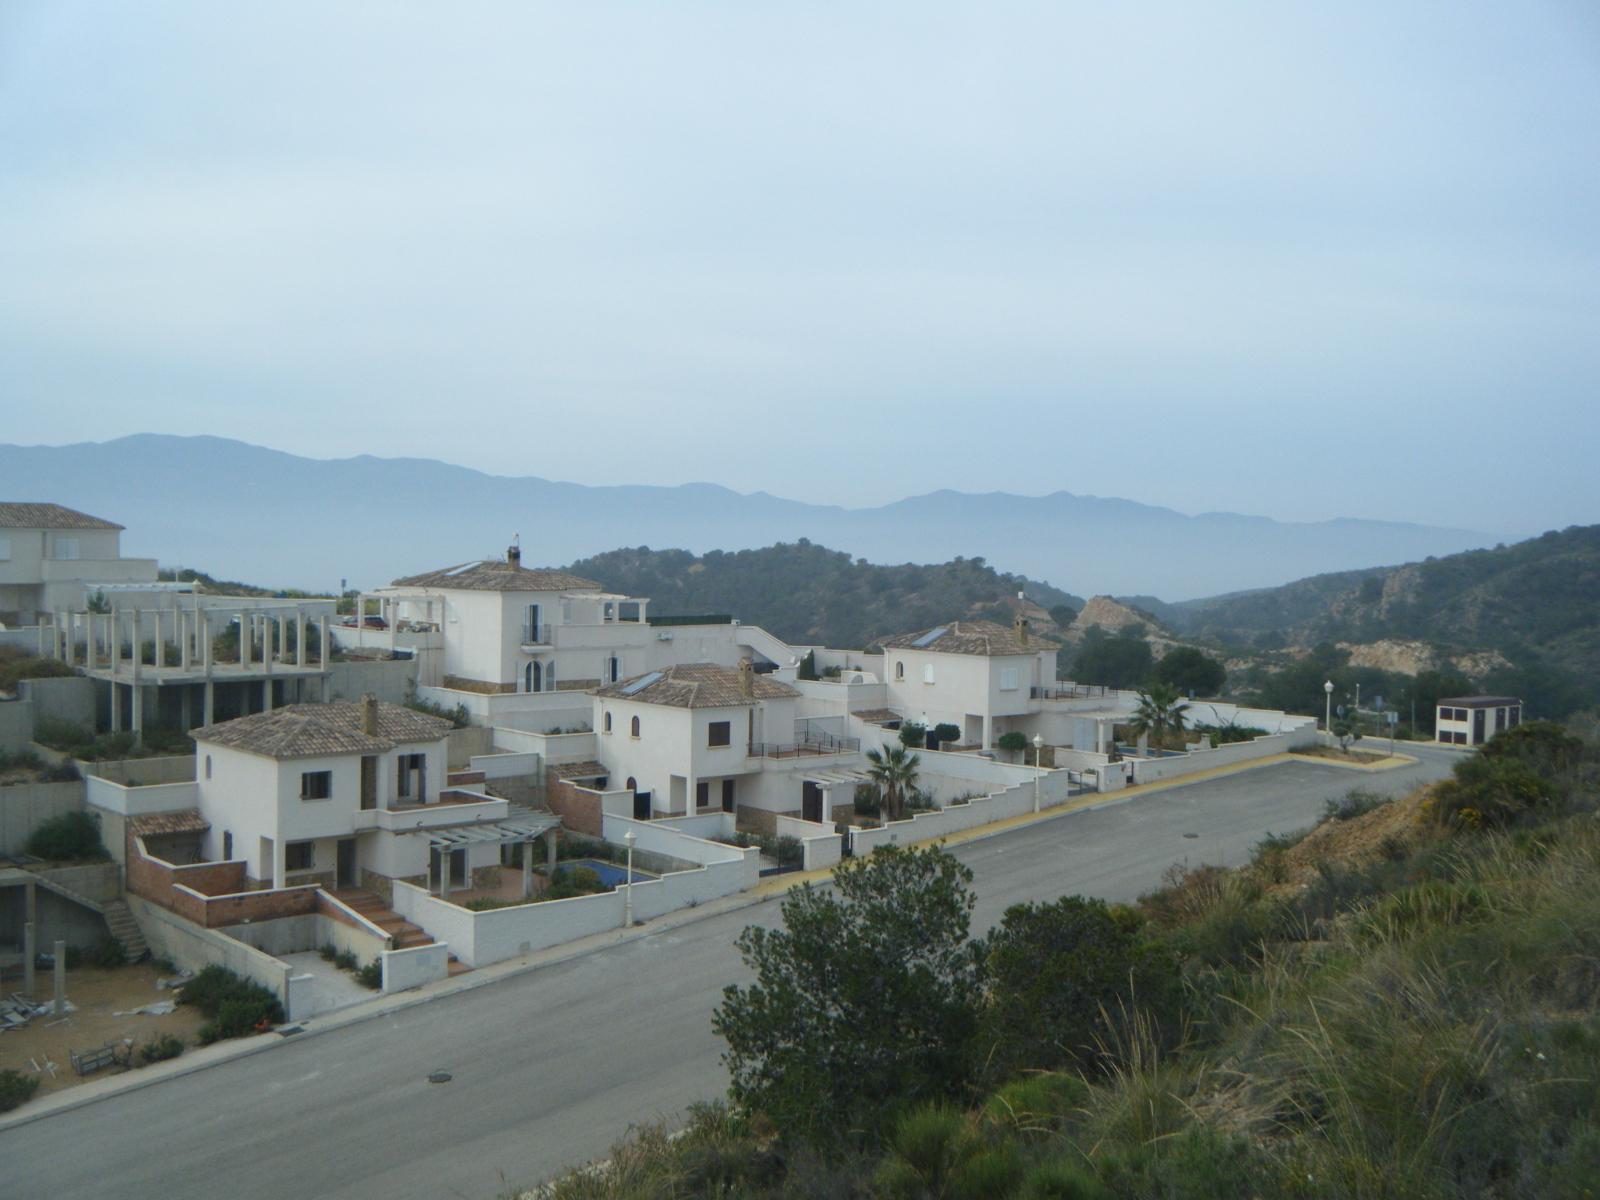 Minas Barranco San Antonio Abad, El Pinar, Bédar, Almeria, Andalucia, España 2u5uulc